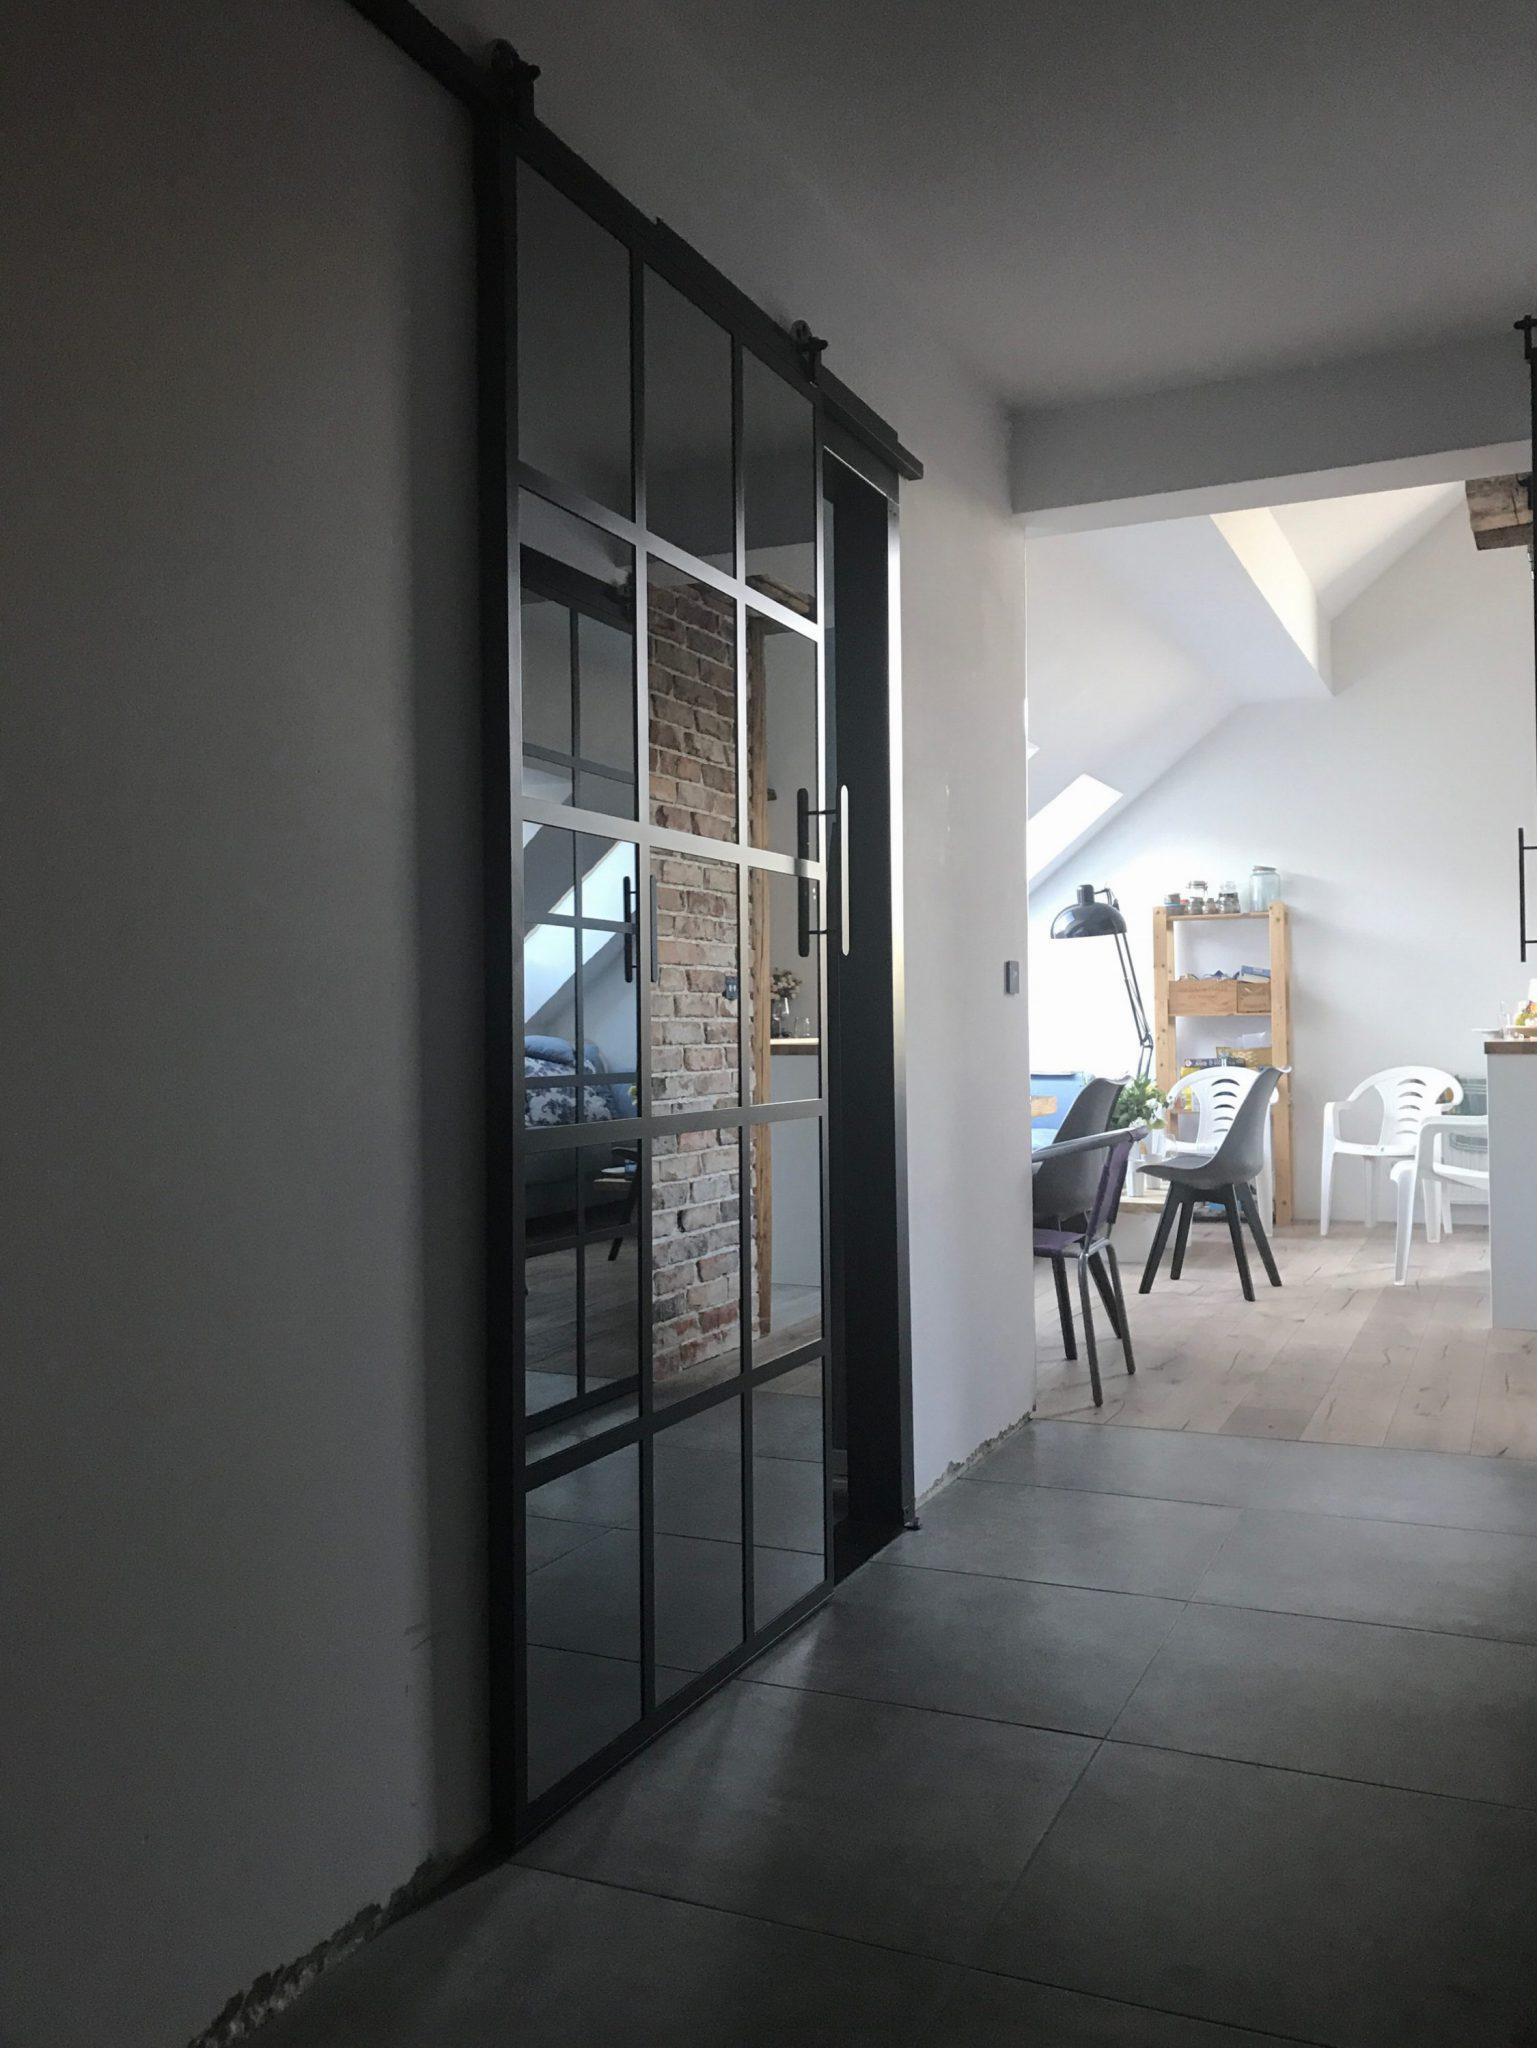 drzwi przesuwne szklane Icon LoftIcon Concept, drzwi kute, drzwi metalowe, drzwi metalowe loftowe, drzwi wewnętrzne, wrocław, dolnośląskie, LOFT, drzwi loft, drzwi metalowe loft, kowalstwo, okna metalowe industrialne, witryny metalowe industrialne